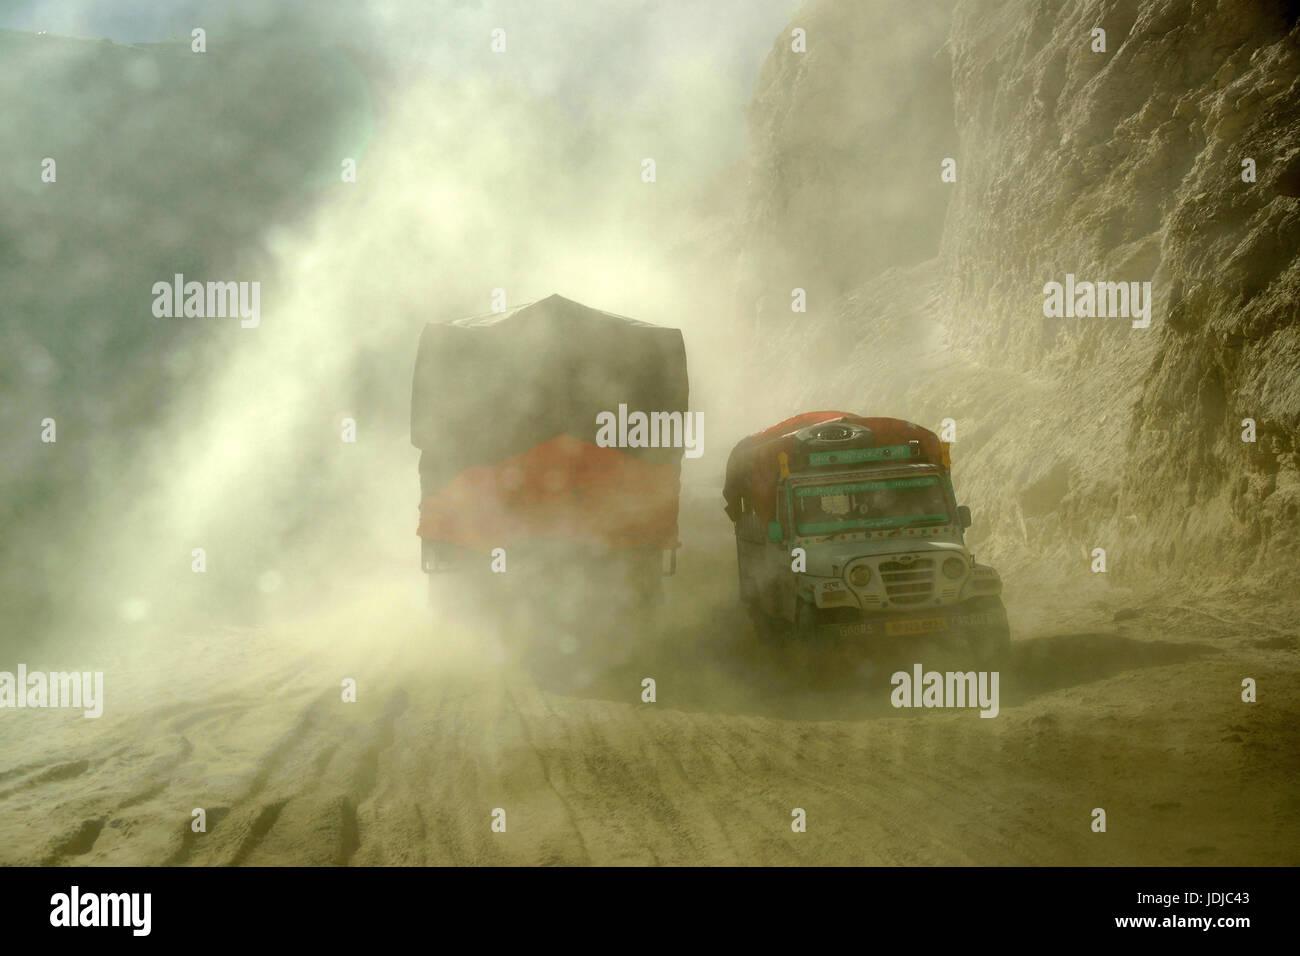 Asien, Indien, Nord-Indien, LKW auf der Landebahn des Spliti Lahaul, Asien, Indien, Nordindien, LKW Auf der Piste Stockbild